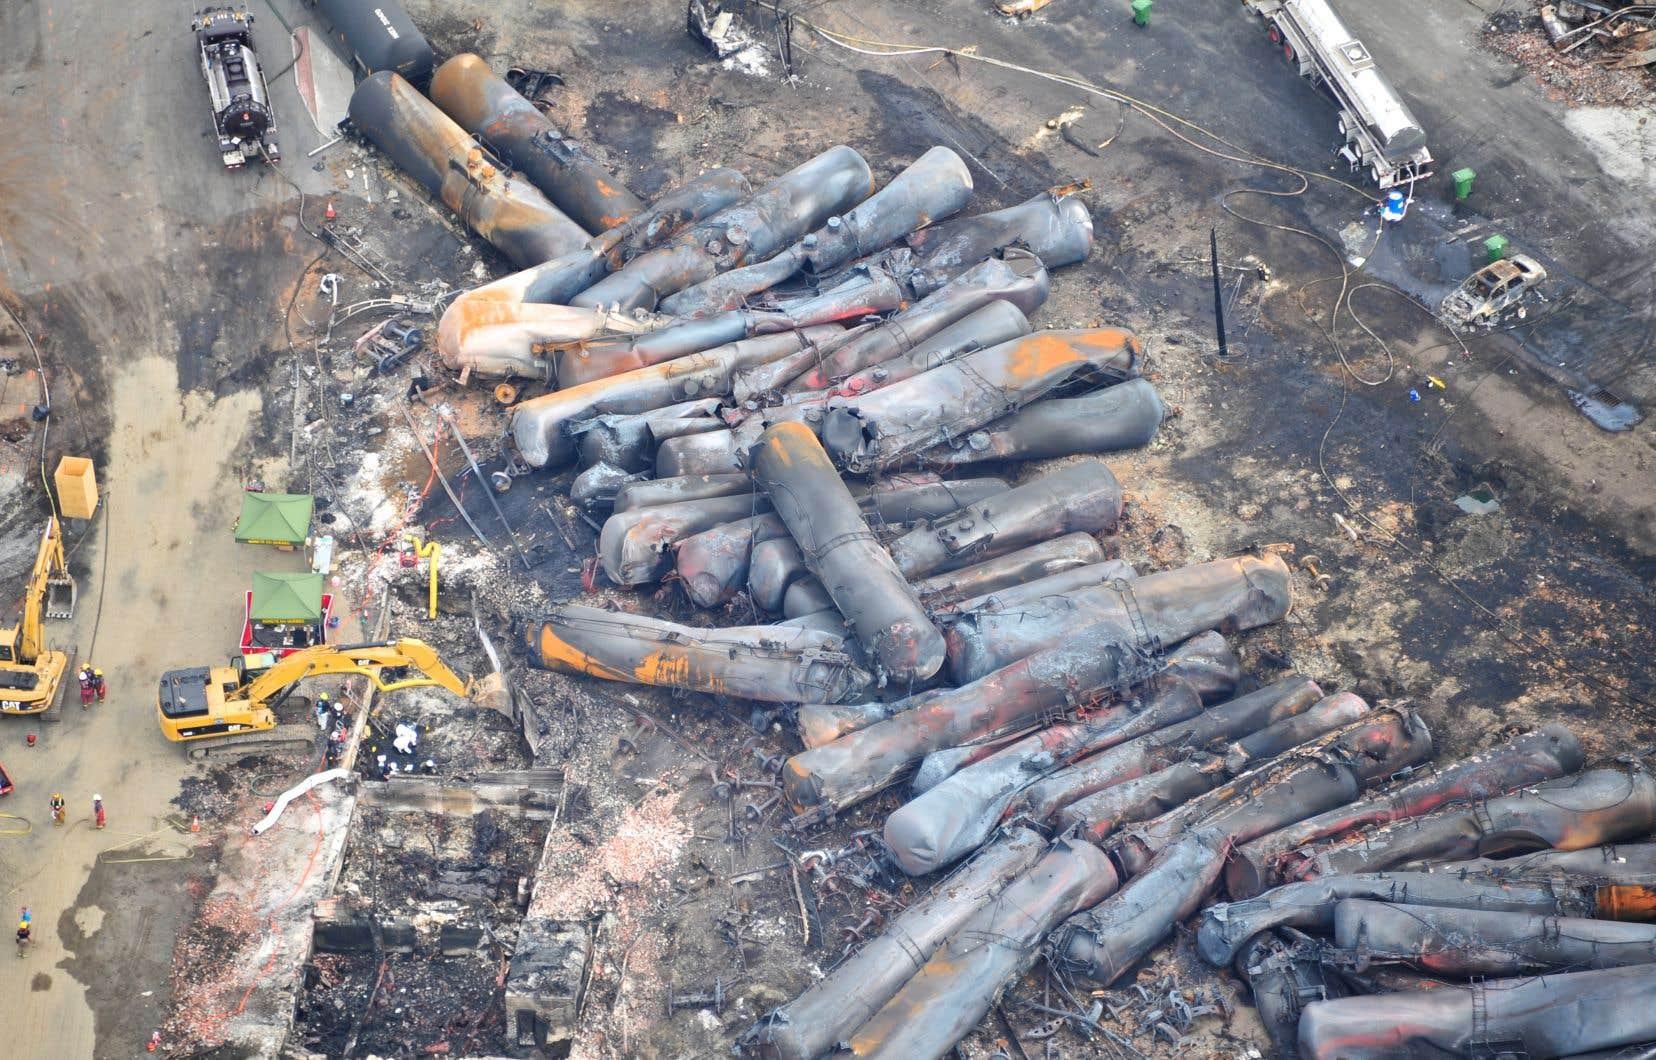 Un train a déraillé dans la petite municipalité de Lac-Mégantic, explosant et rasant une partie de son centre-ville, le 6 juillet 2013.